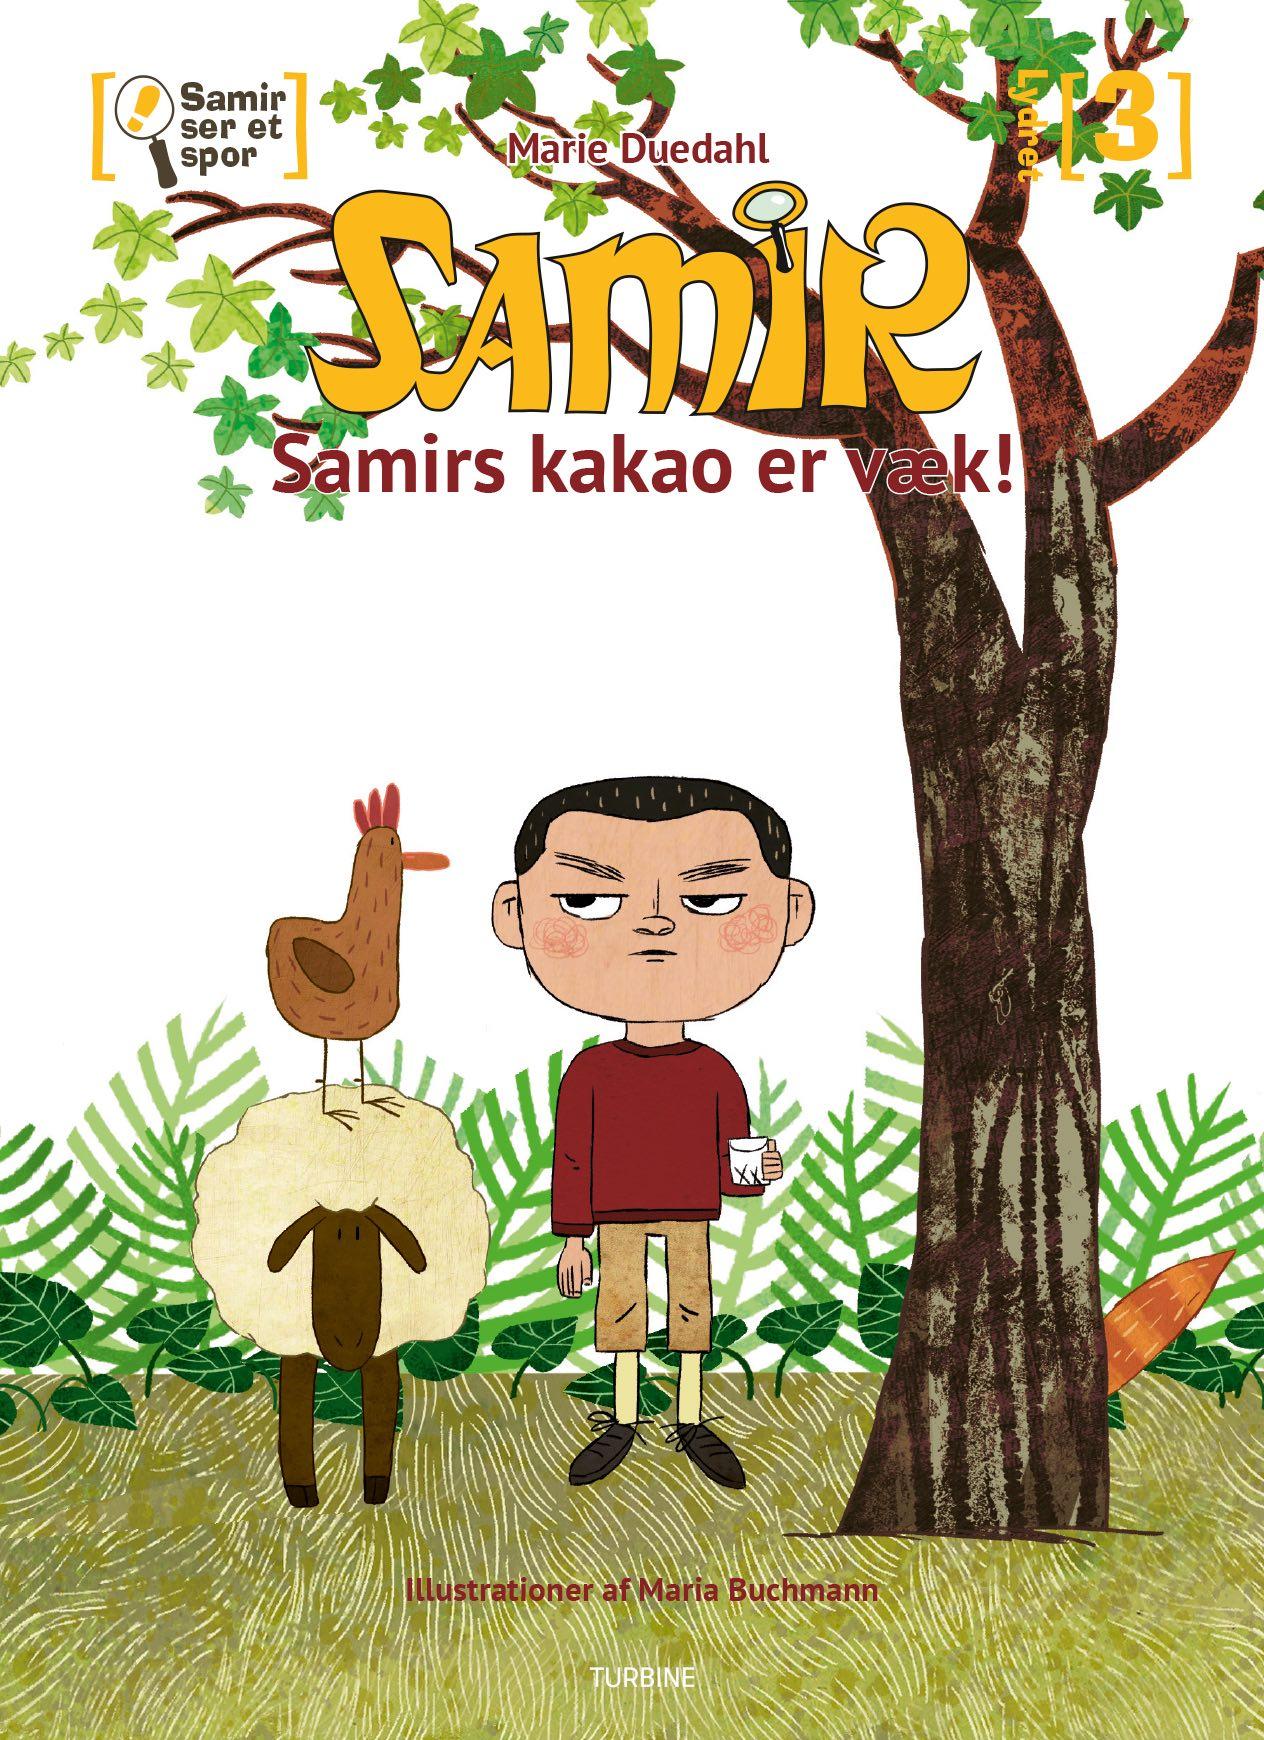 Lydret 3: Samir ser et spor - Samirs kakao er væk - Marie Duedahl - Bøger - Turbine - 9788740657715 - June 3, 2020